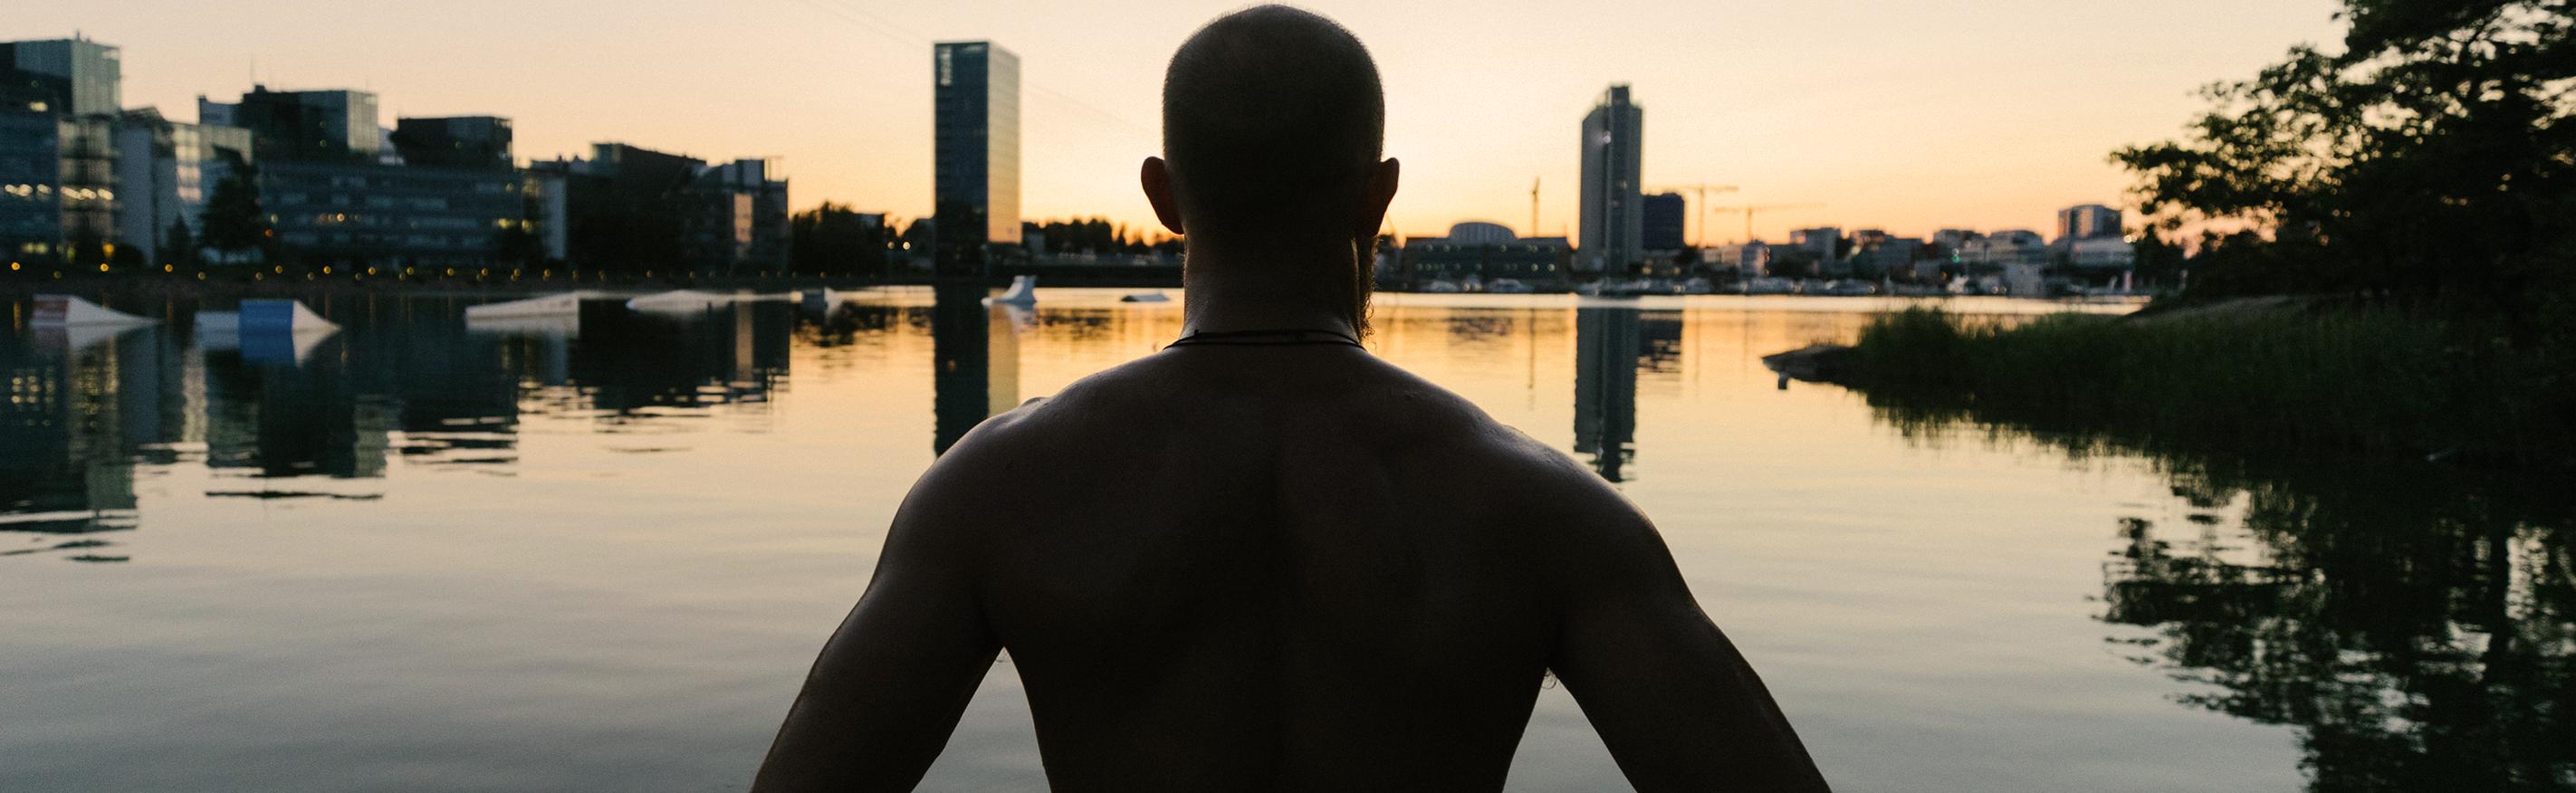 Auringon laskiessa kesällä paidaton mies katsoo hämärässä merelle - kauempana näkyy Keilaniemen silhuetti